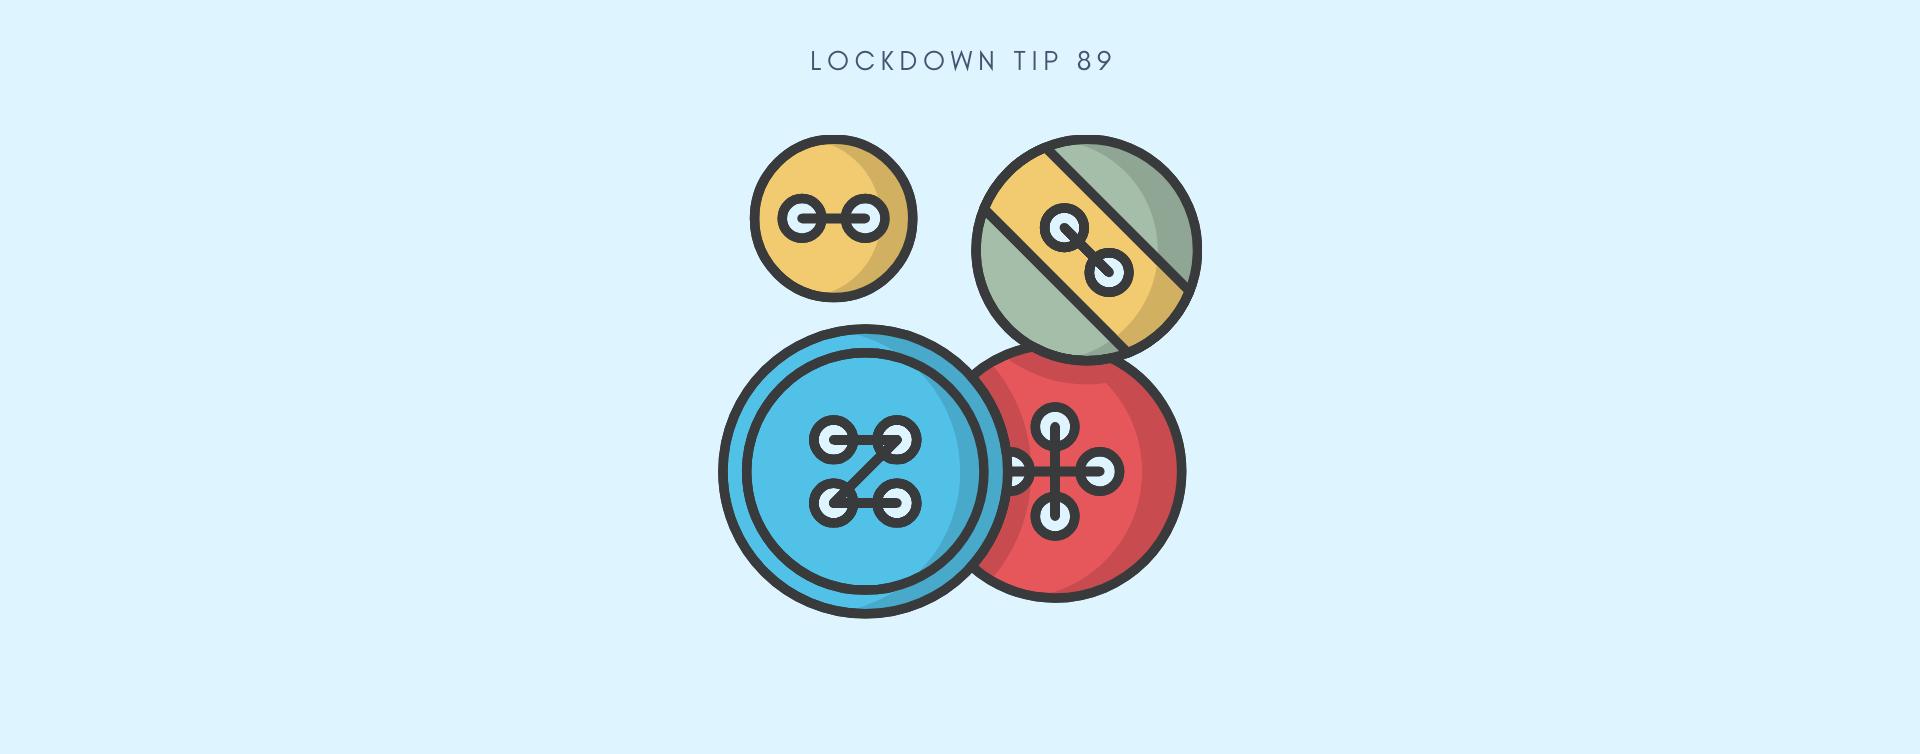 MCSA Lockdown Tip 89